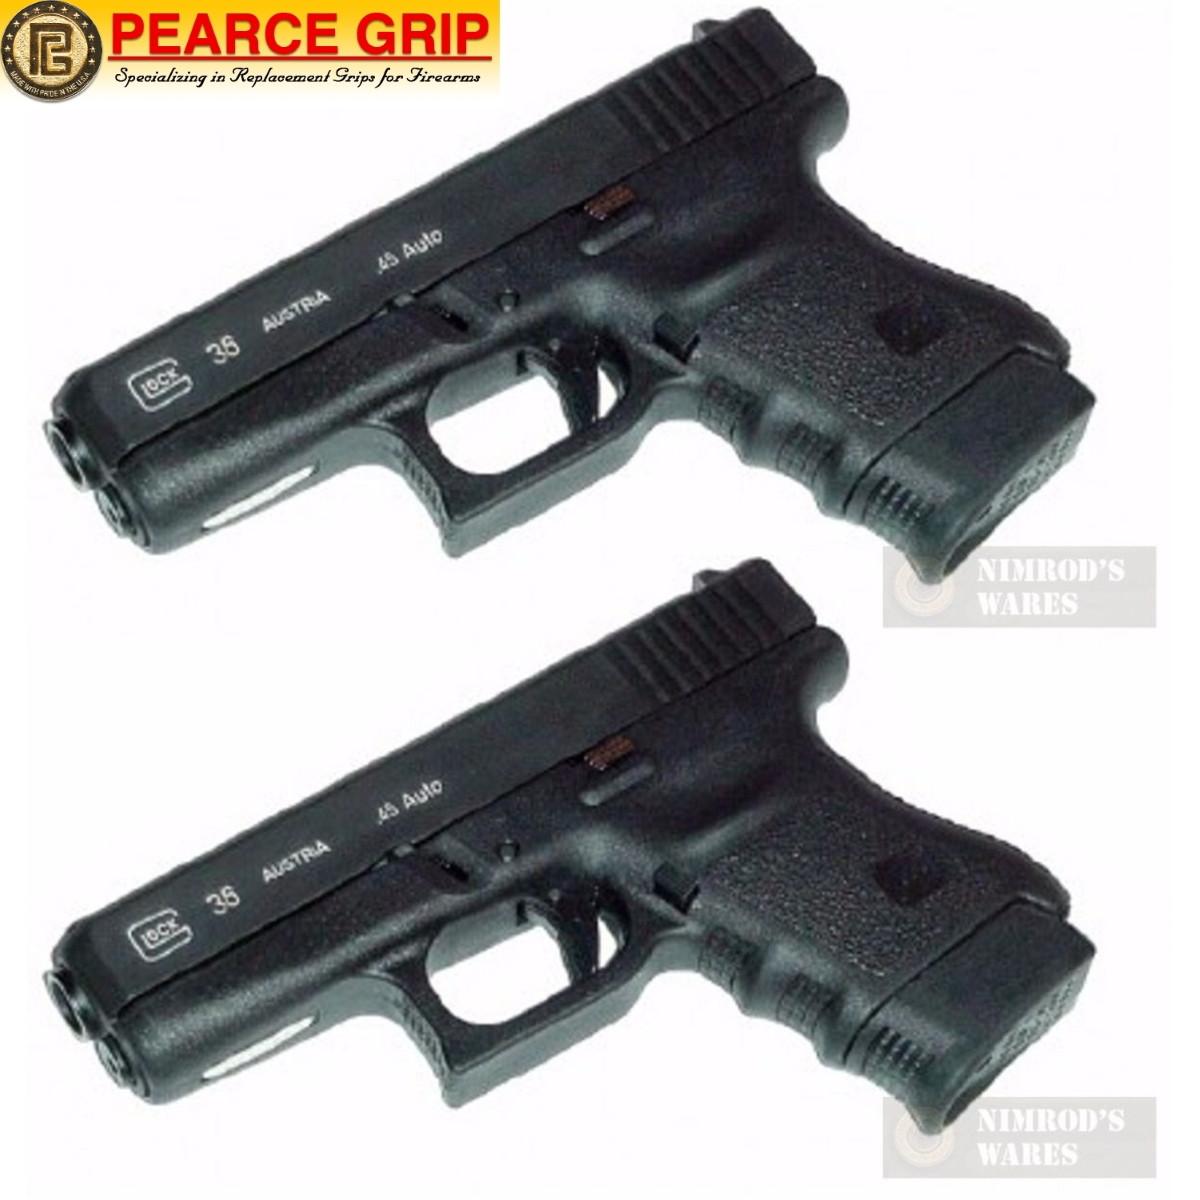 Pearce Grip GLOCK 36 G36 Grip Finger EXTENSION 2-PACK PG-360